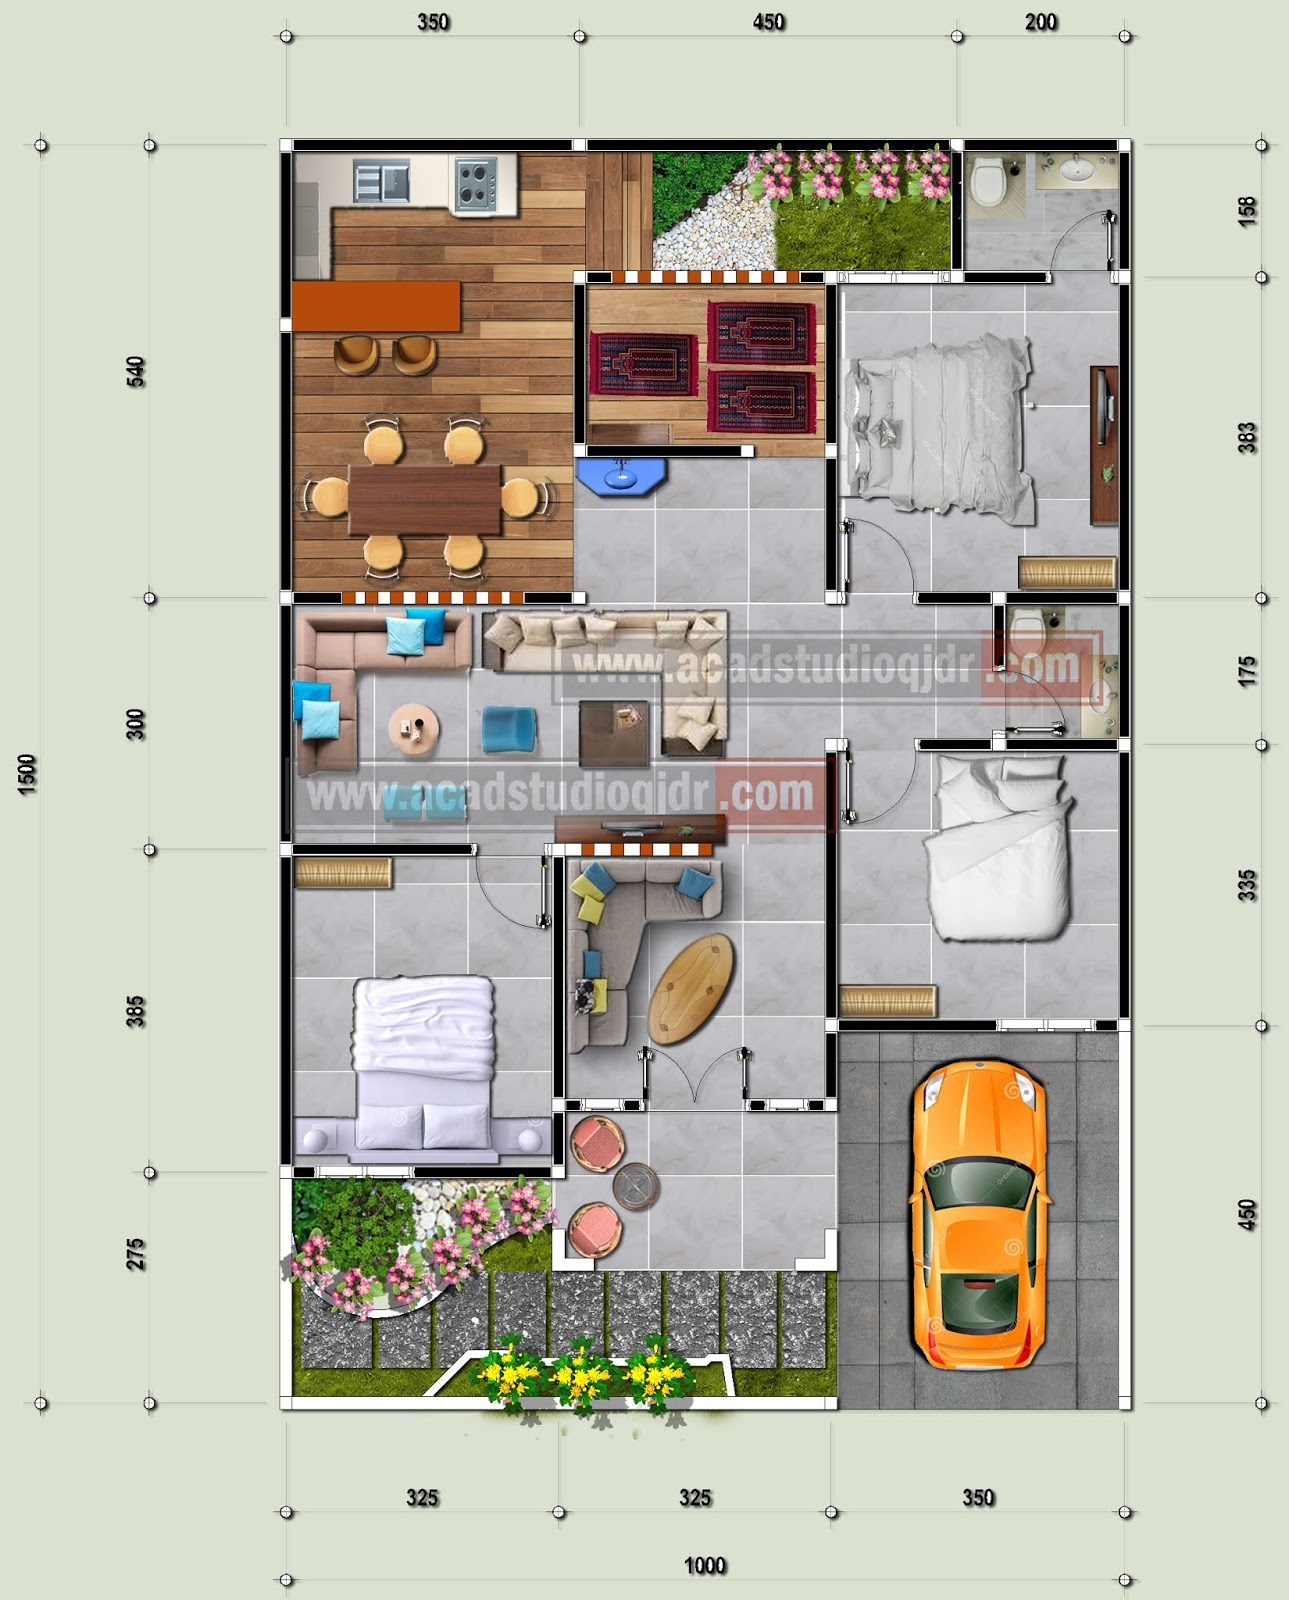 10. Desain Rumah Lahan Sempit Tanpa Halaman